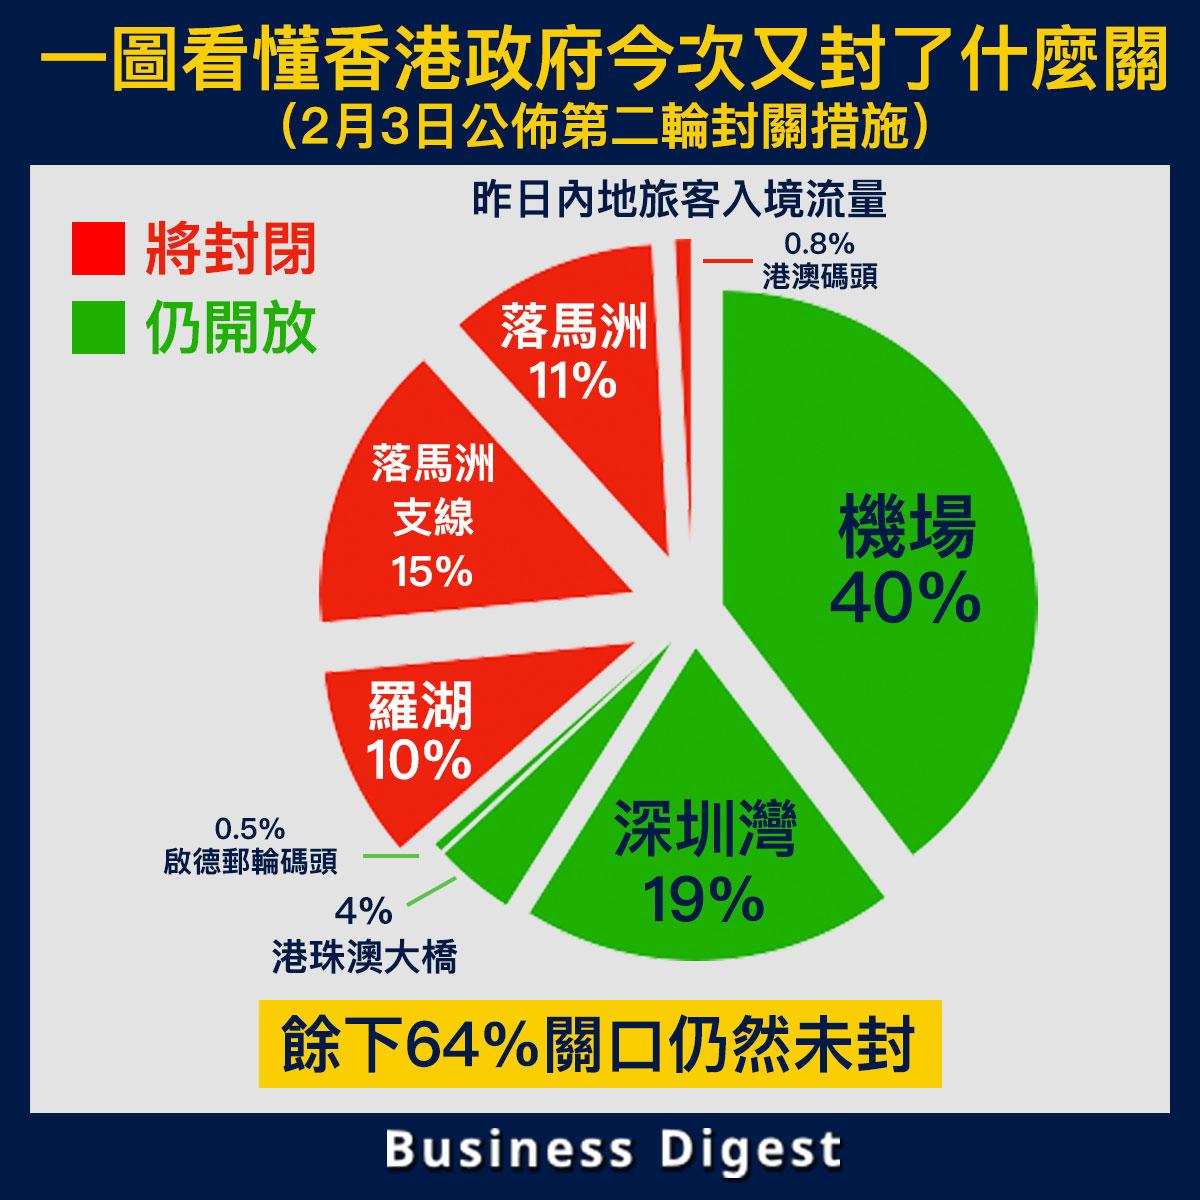 【從數據認識封關】一圖看懂香港政府今次又封了什麼關